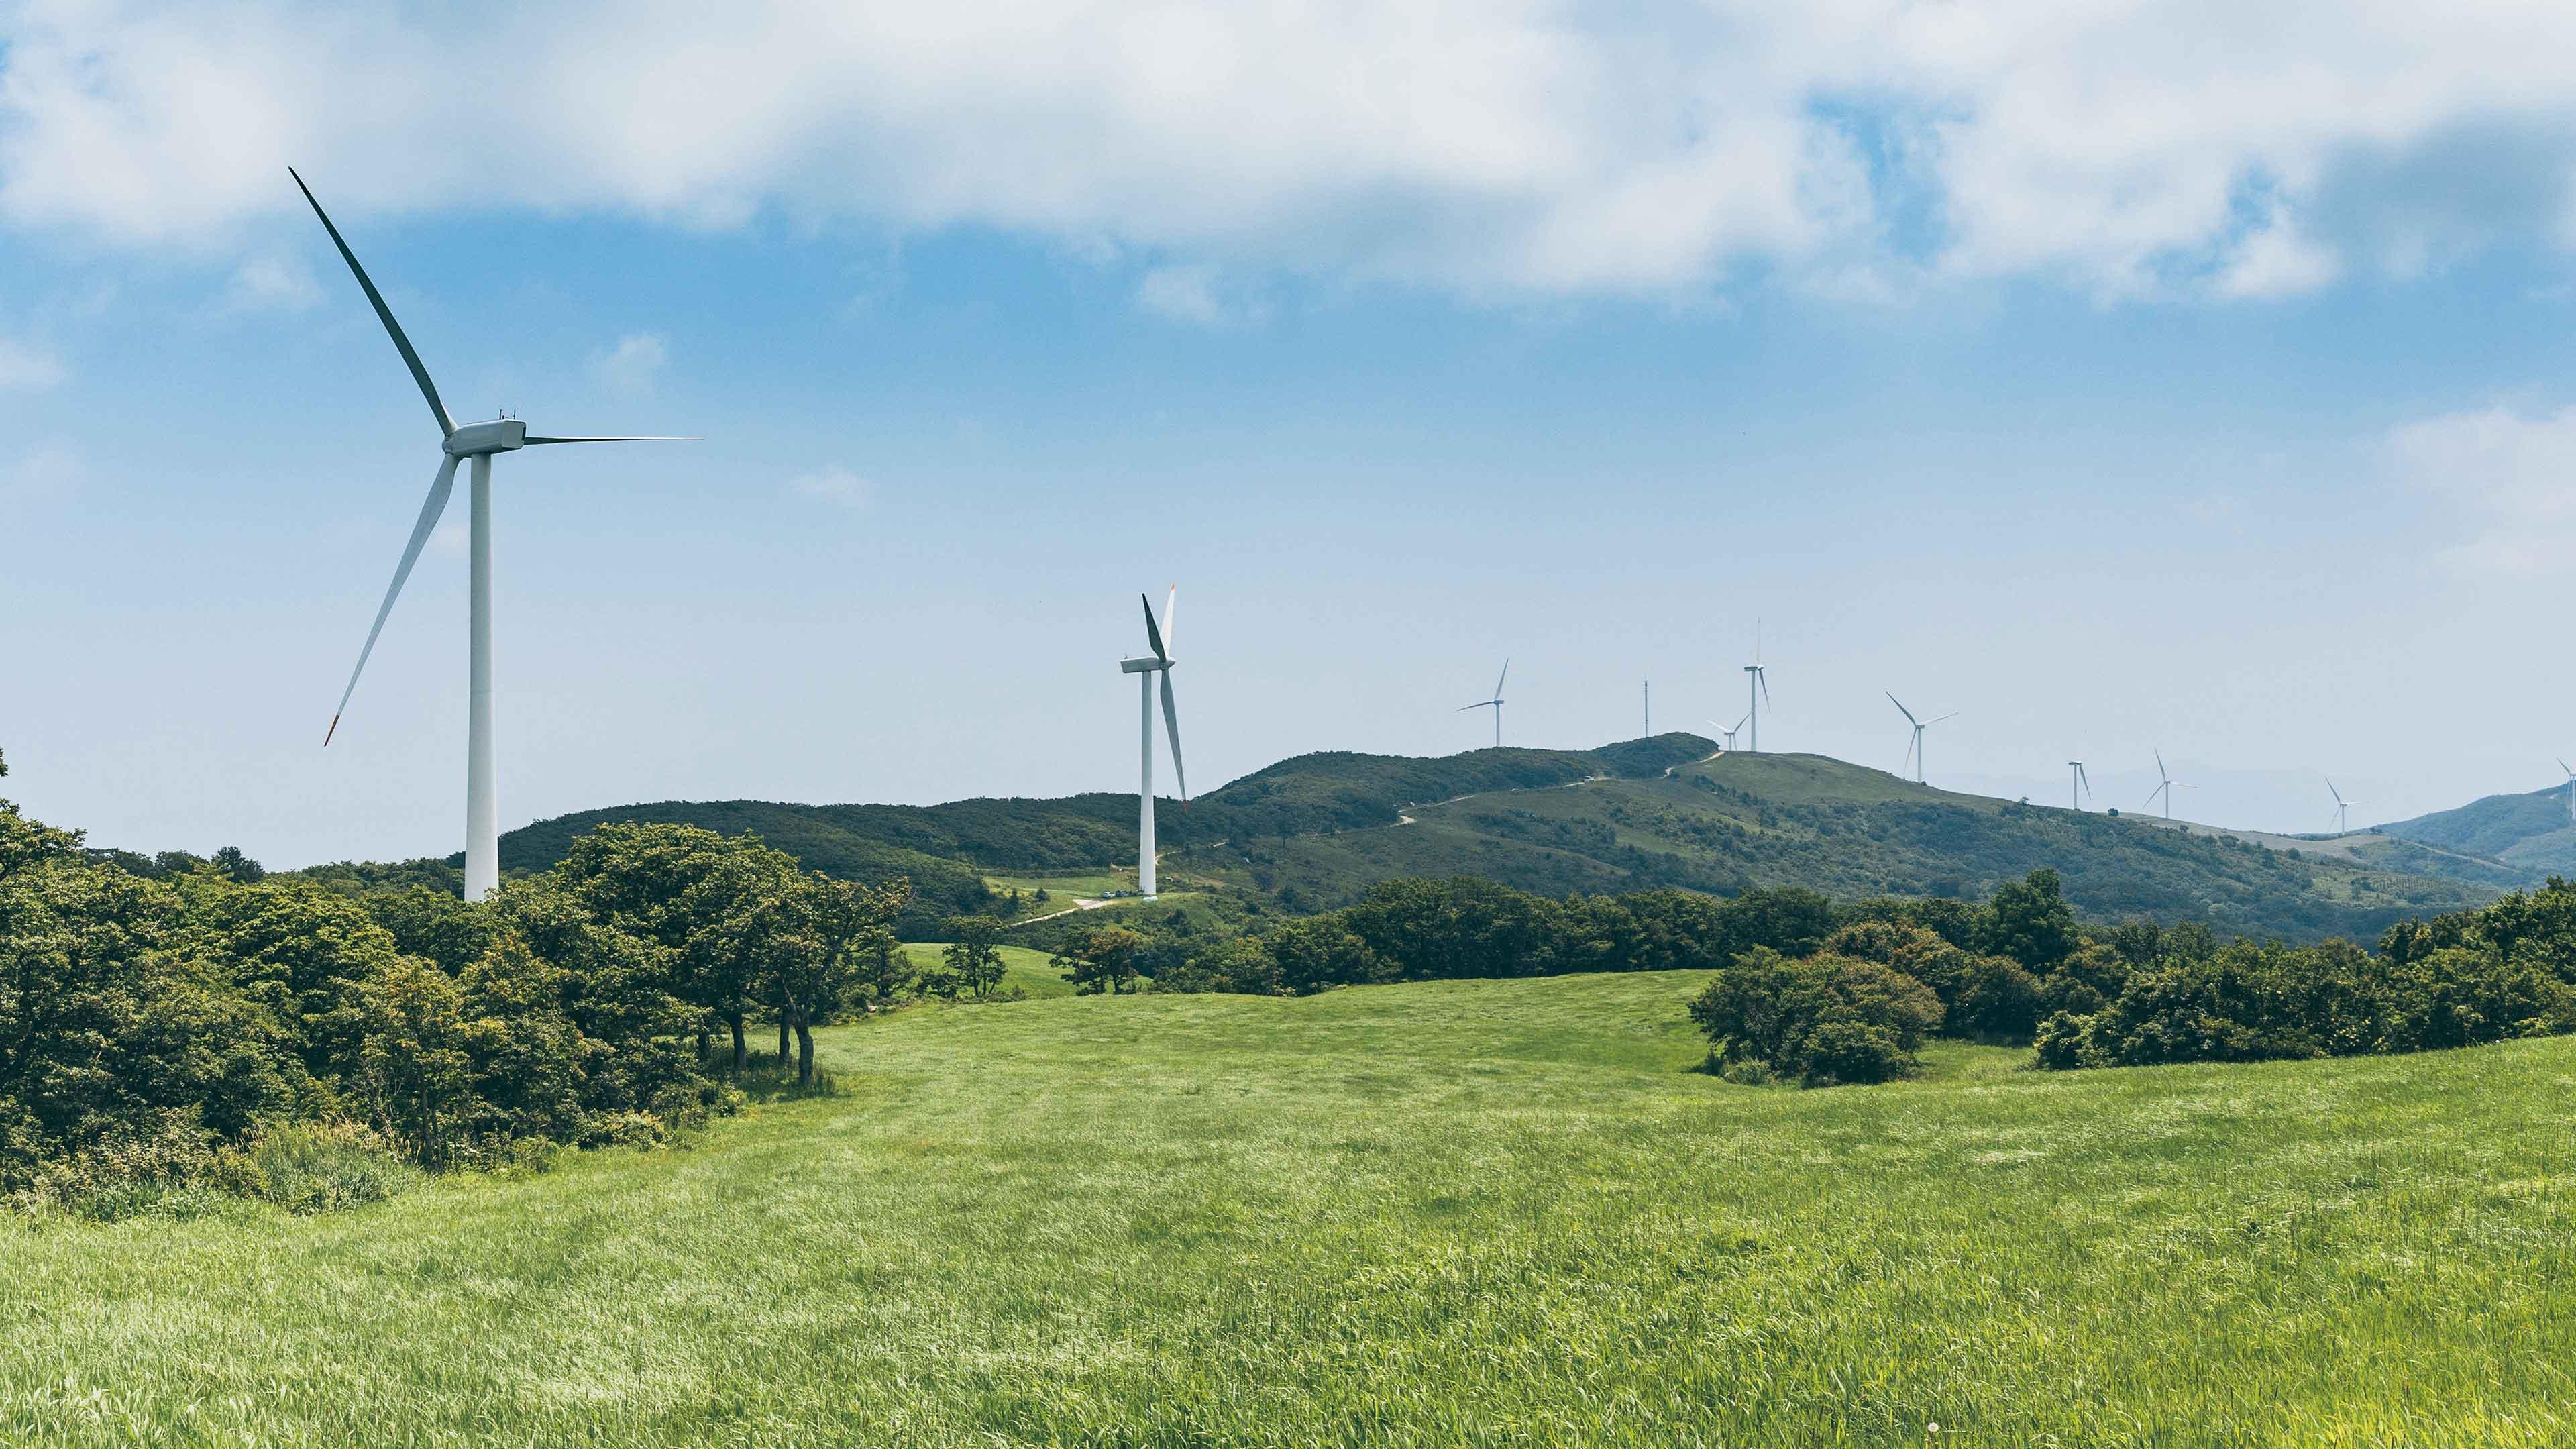 Siêu dự án điện gió Biển Cổ Thạch 4,4 tỷ USD: Bình Thuận chưa đồng ý cho HLP Invest nghiên cứu